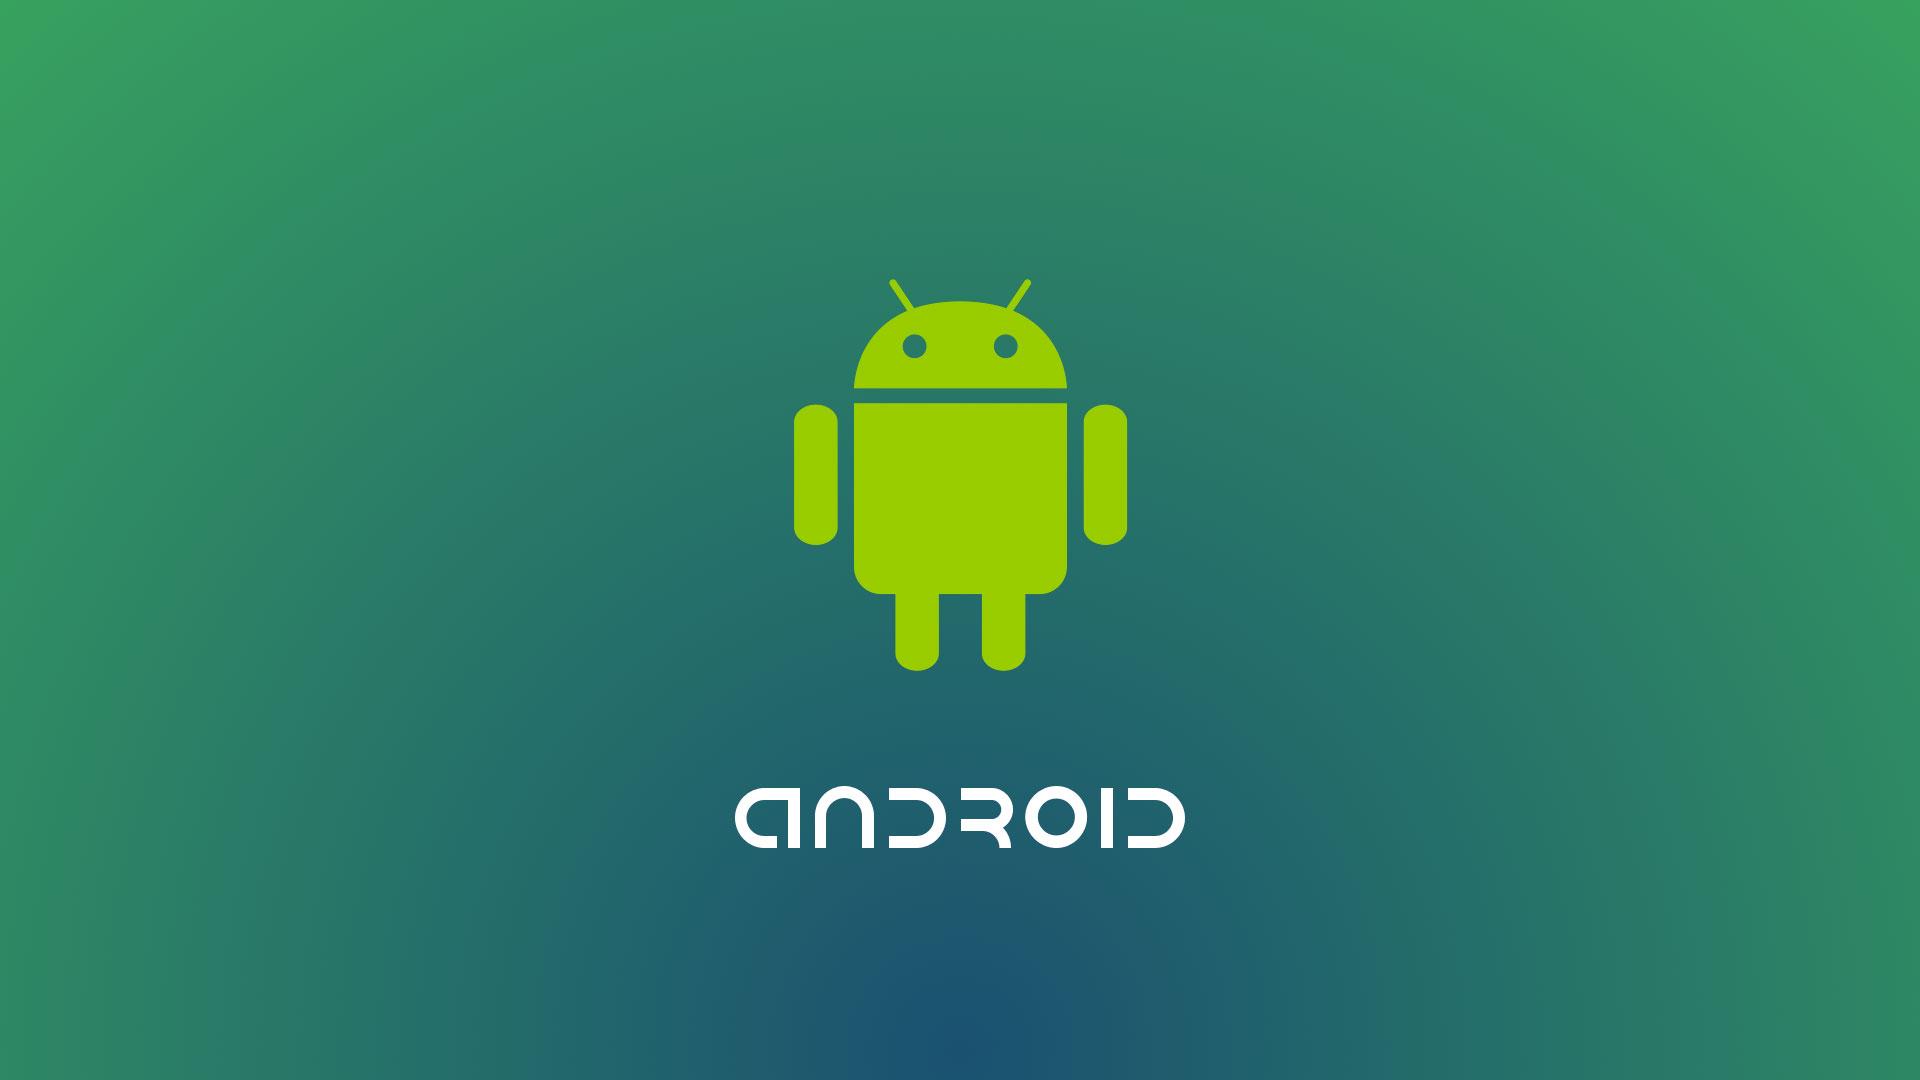 مهندسان گوگل ادعا می کنند گوشی های پیکسل مانند آیفون ایمن هستند